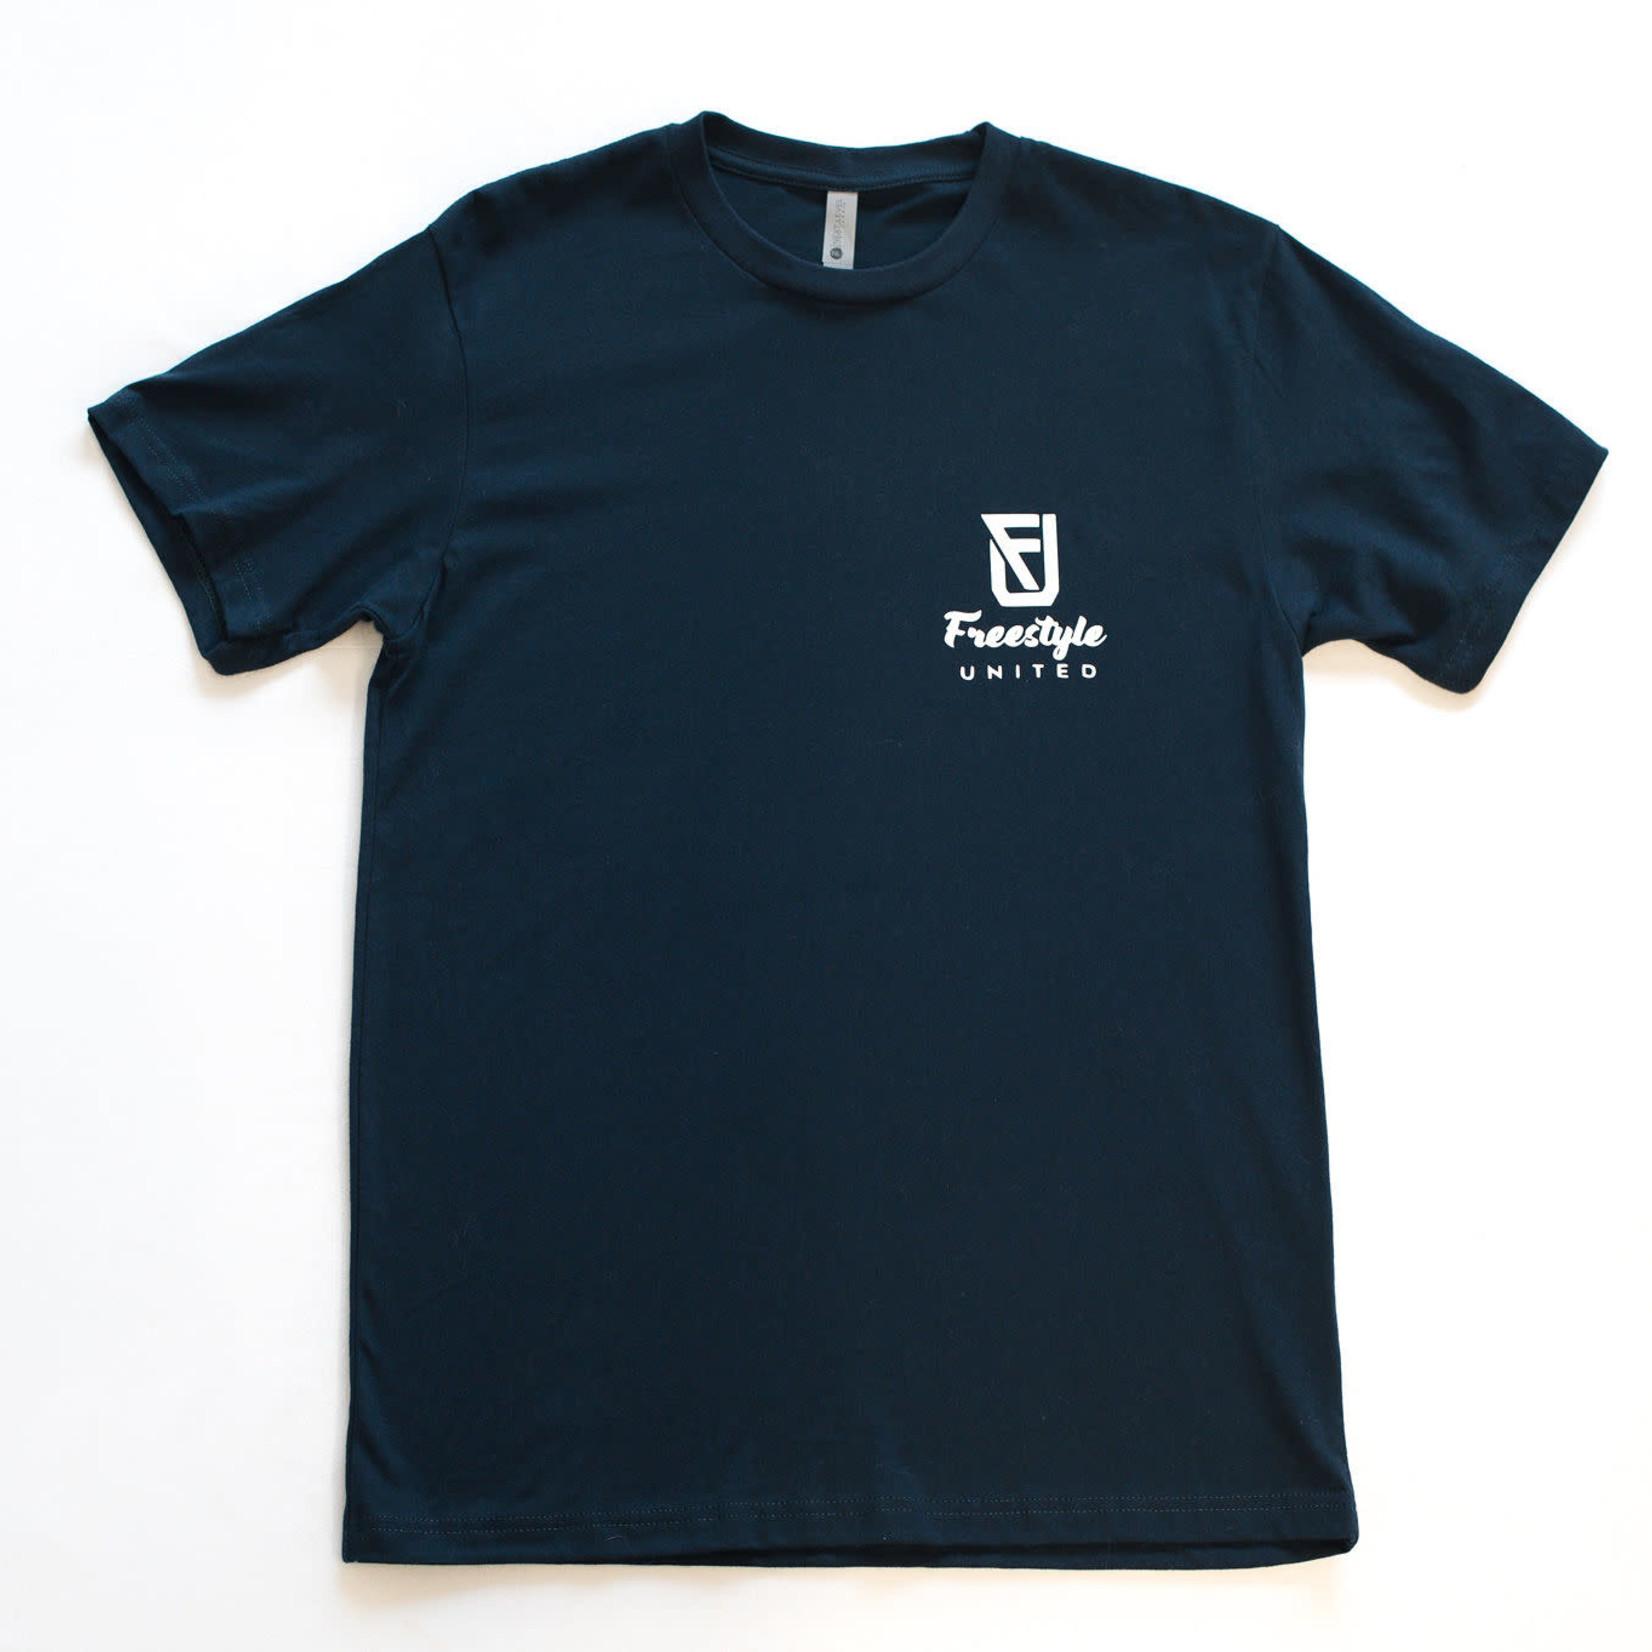 Freestyle United Freestyle United - Adult Signature T-shirt - Navy